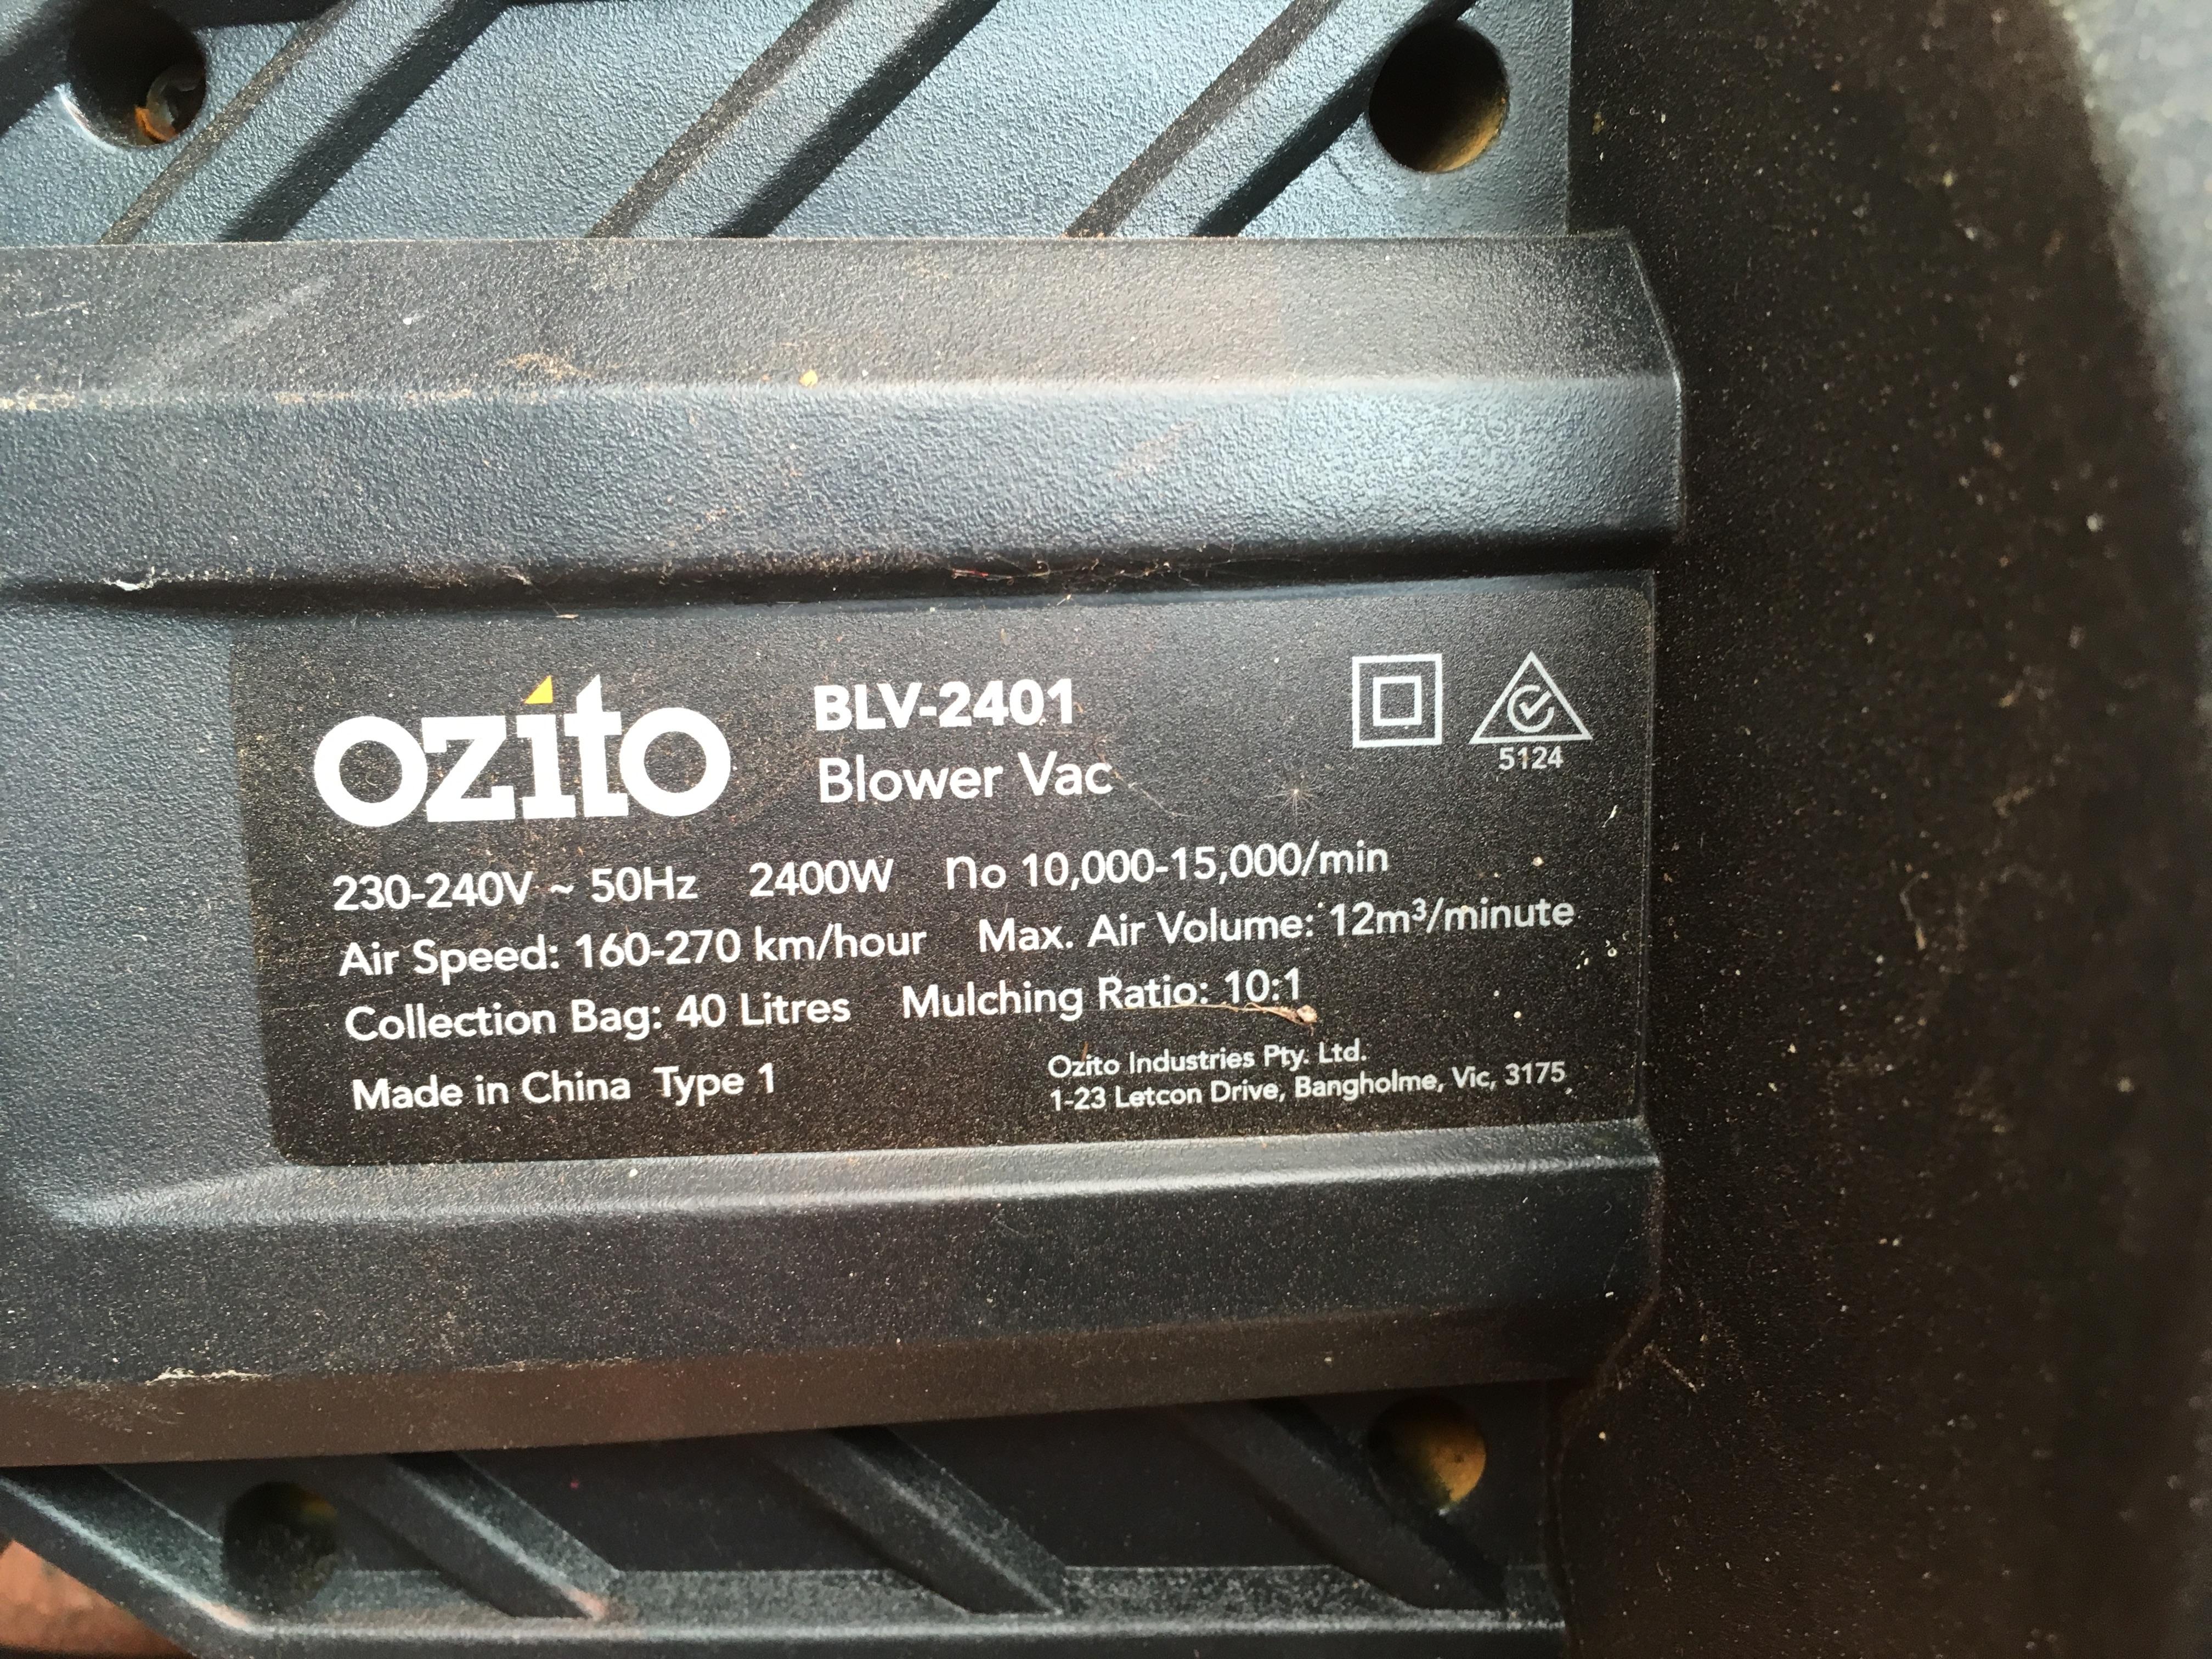 OZITO Leaf Blower Vac 2400 W Model BLV-2401